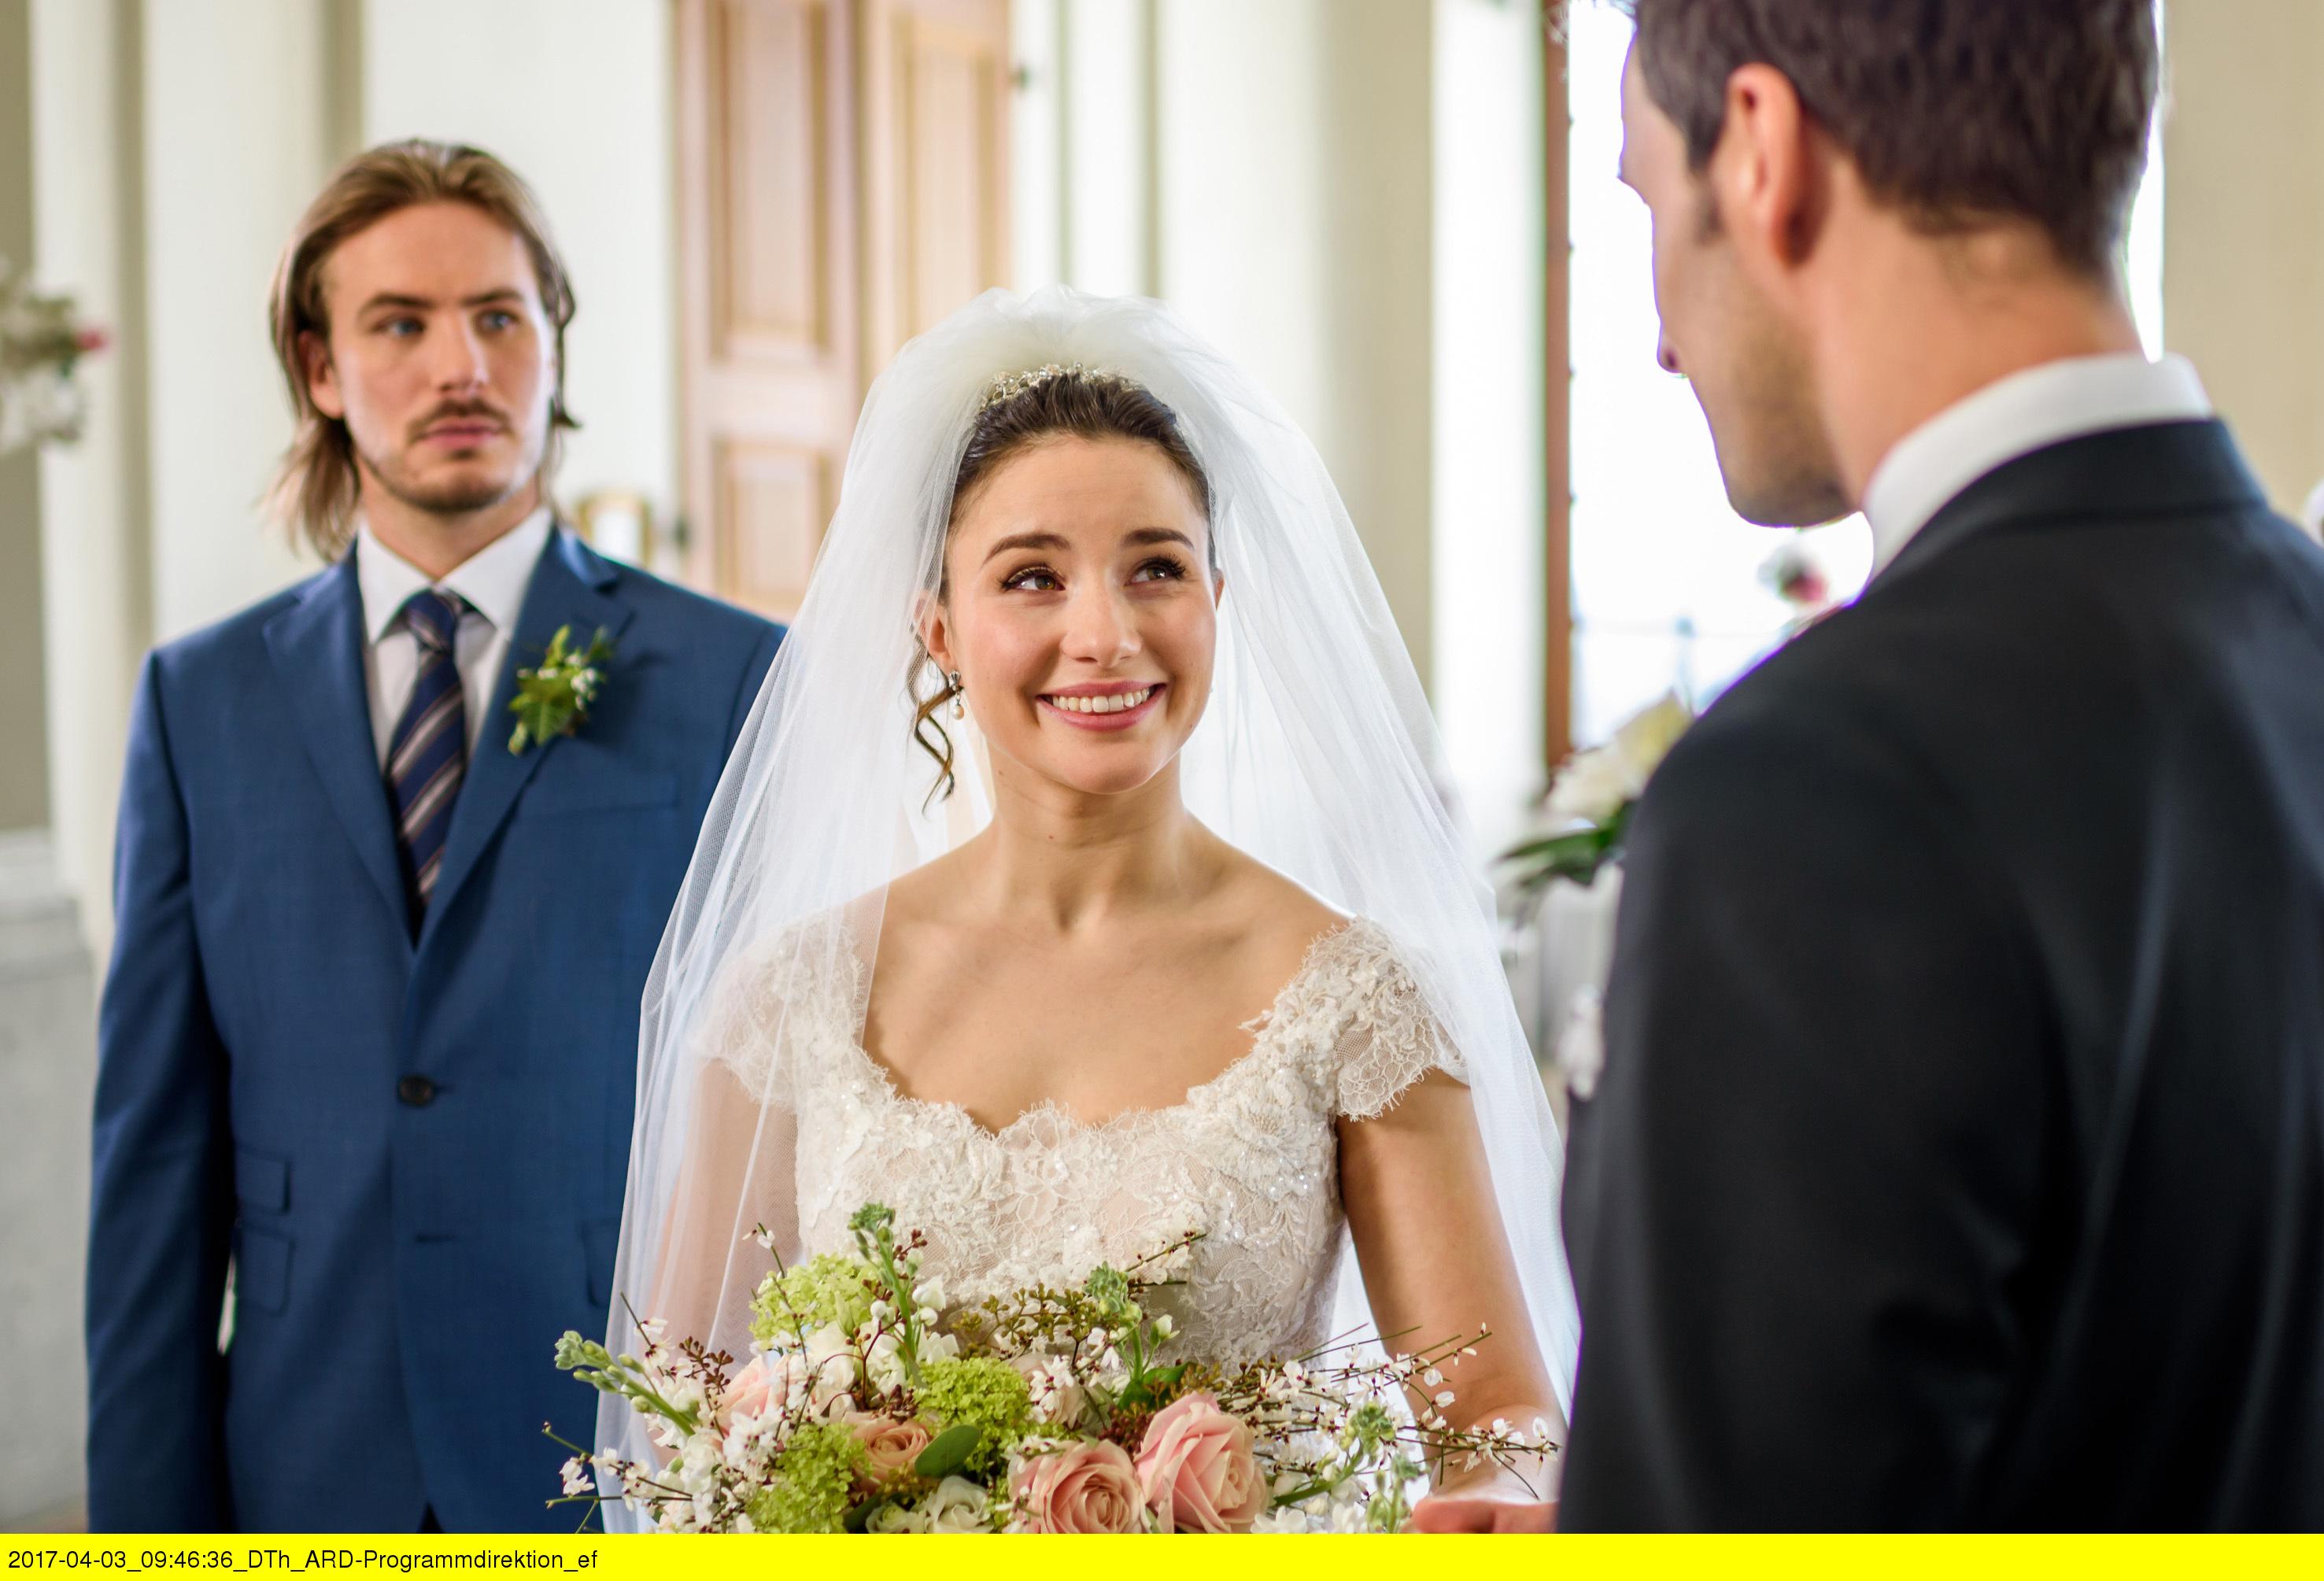 ARD STURM DER LIEBE FOLGE 2687, am Montag (15.05.17) um 15:10 Uhr im ERSTEN. Hochzeit: William (Alexander Milz, l.) hat sich mit der Hochzeit von Clara (Jeannine Wacker, M.) und Adrian (Max Alberti, r.) abgefunden. Tapfer springt er als Trauzeuge ein. (Quelle: ARD/Christof Arnold)